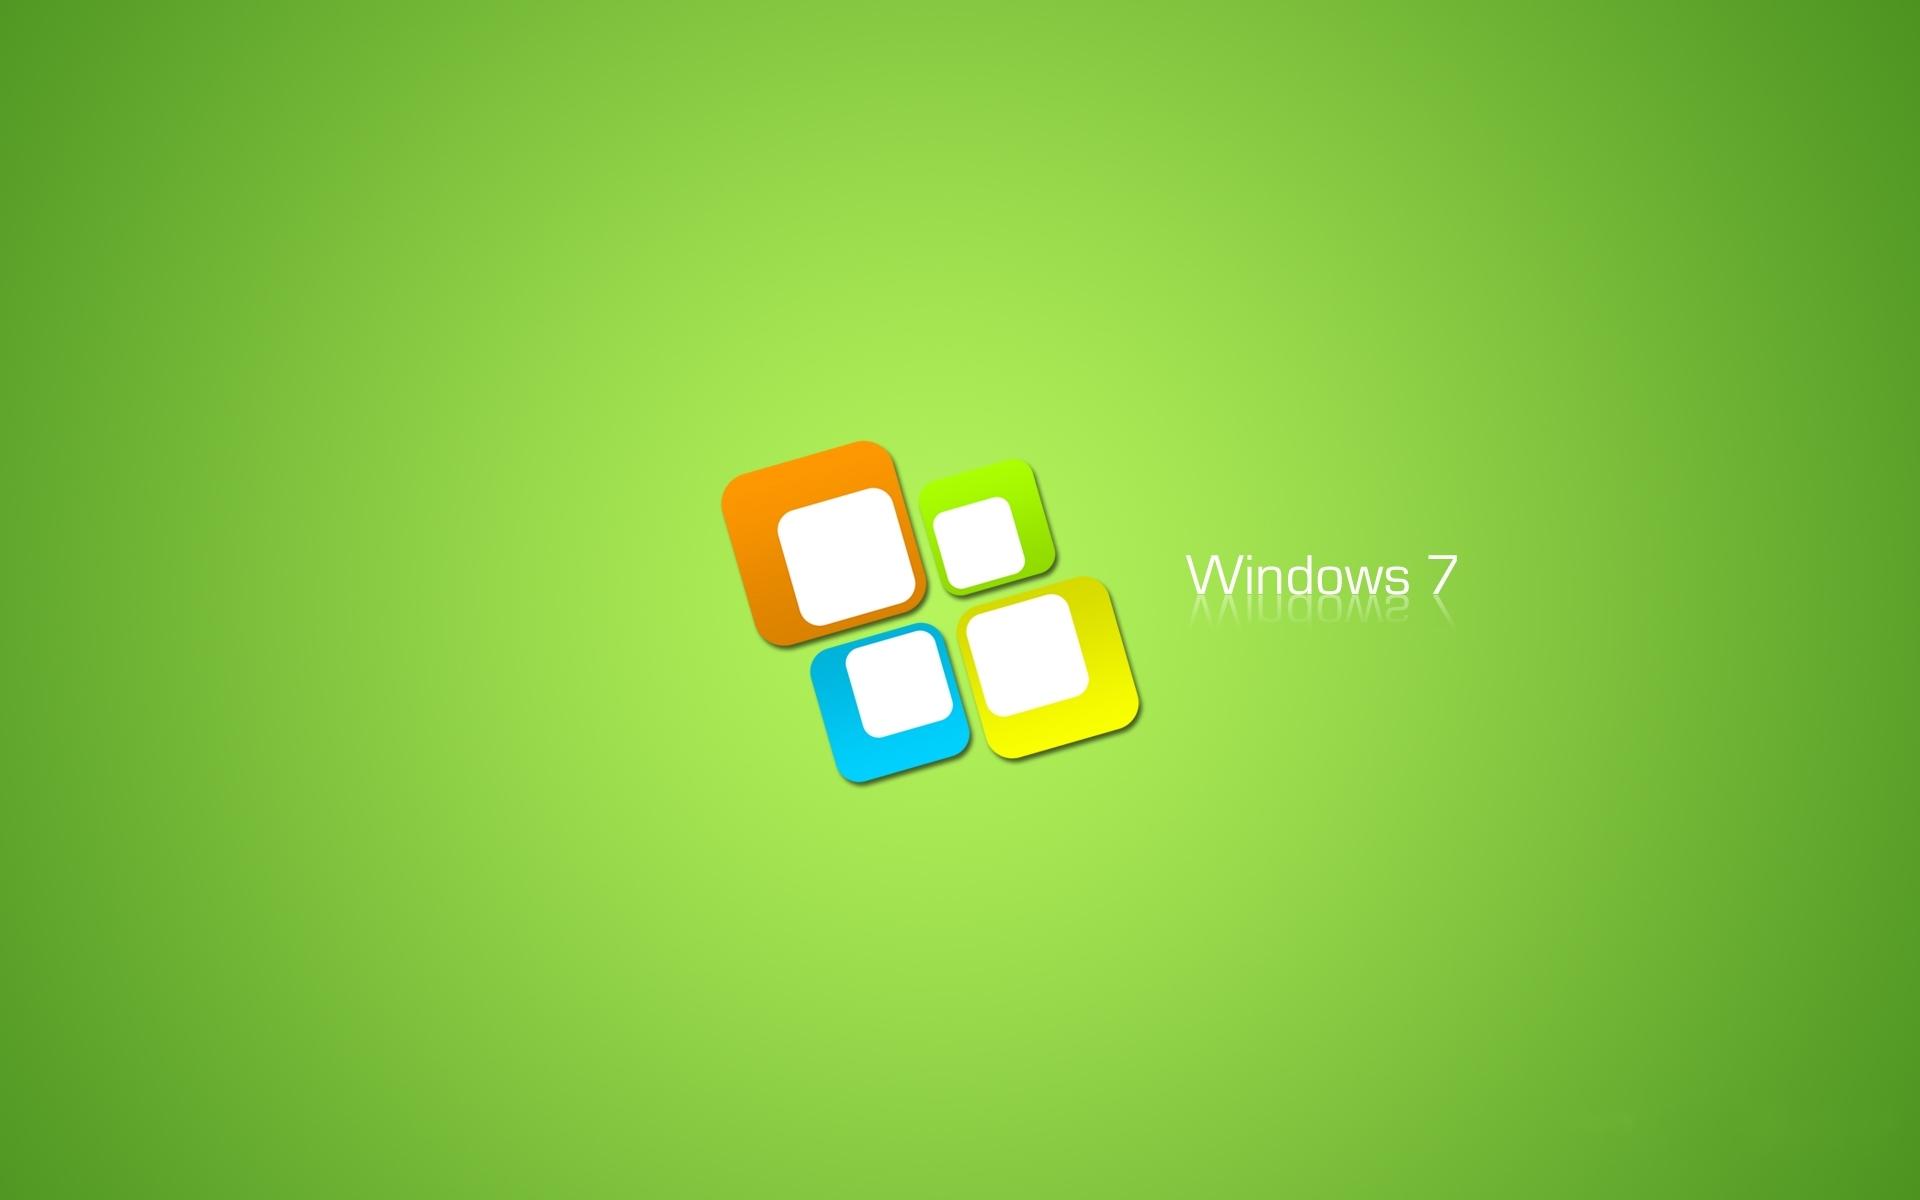 hi tech windows seven windows 7 seven pc microsoft logo logo 1920x1200